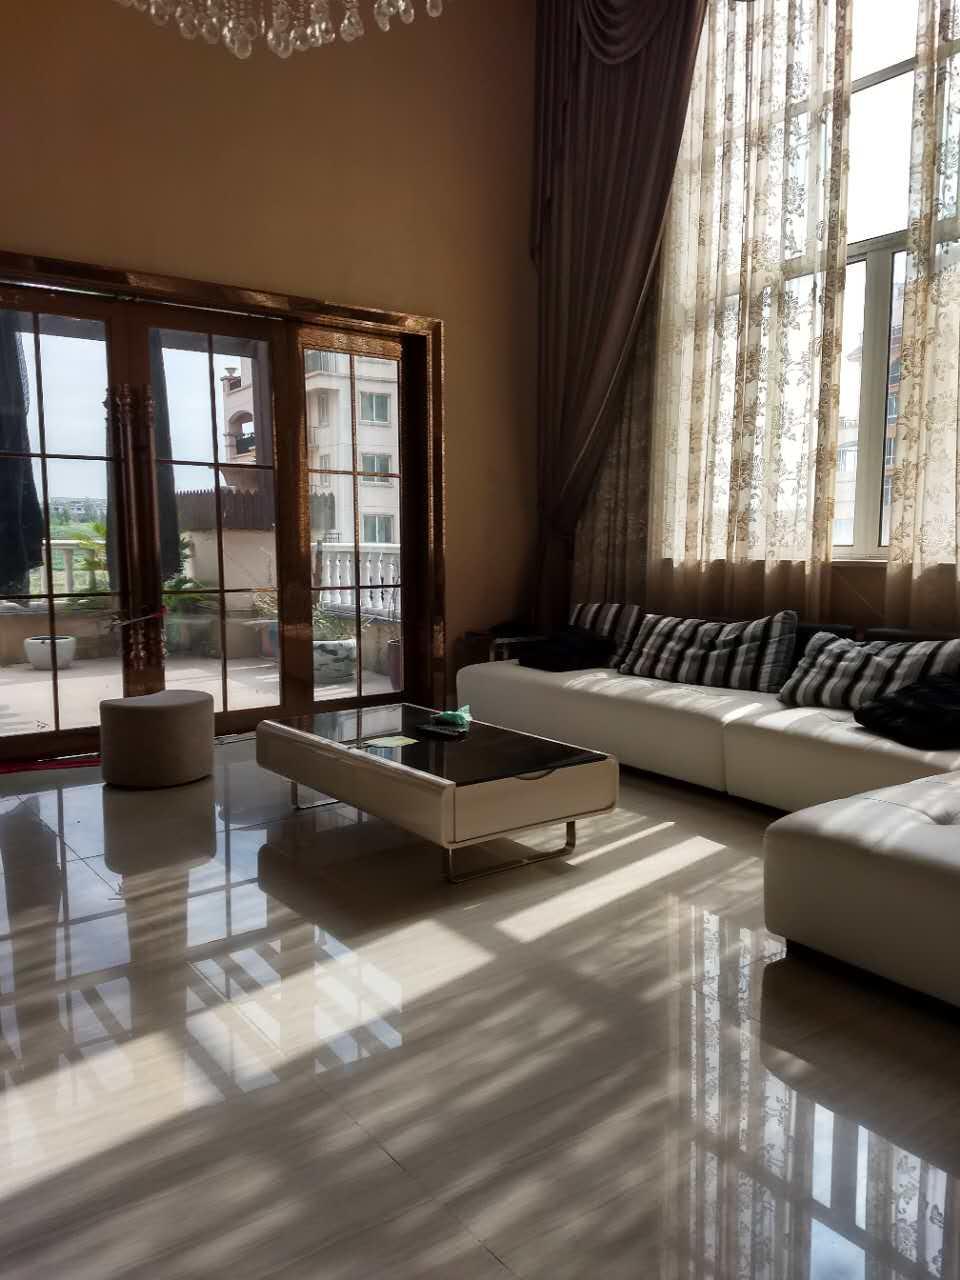 紫竹苑,600多平超大面积让您住得舒心的好房源!